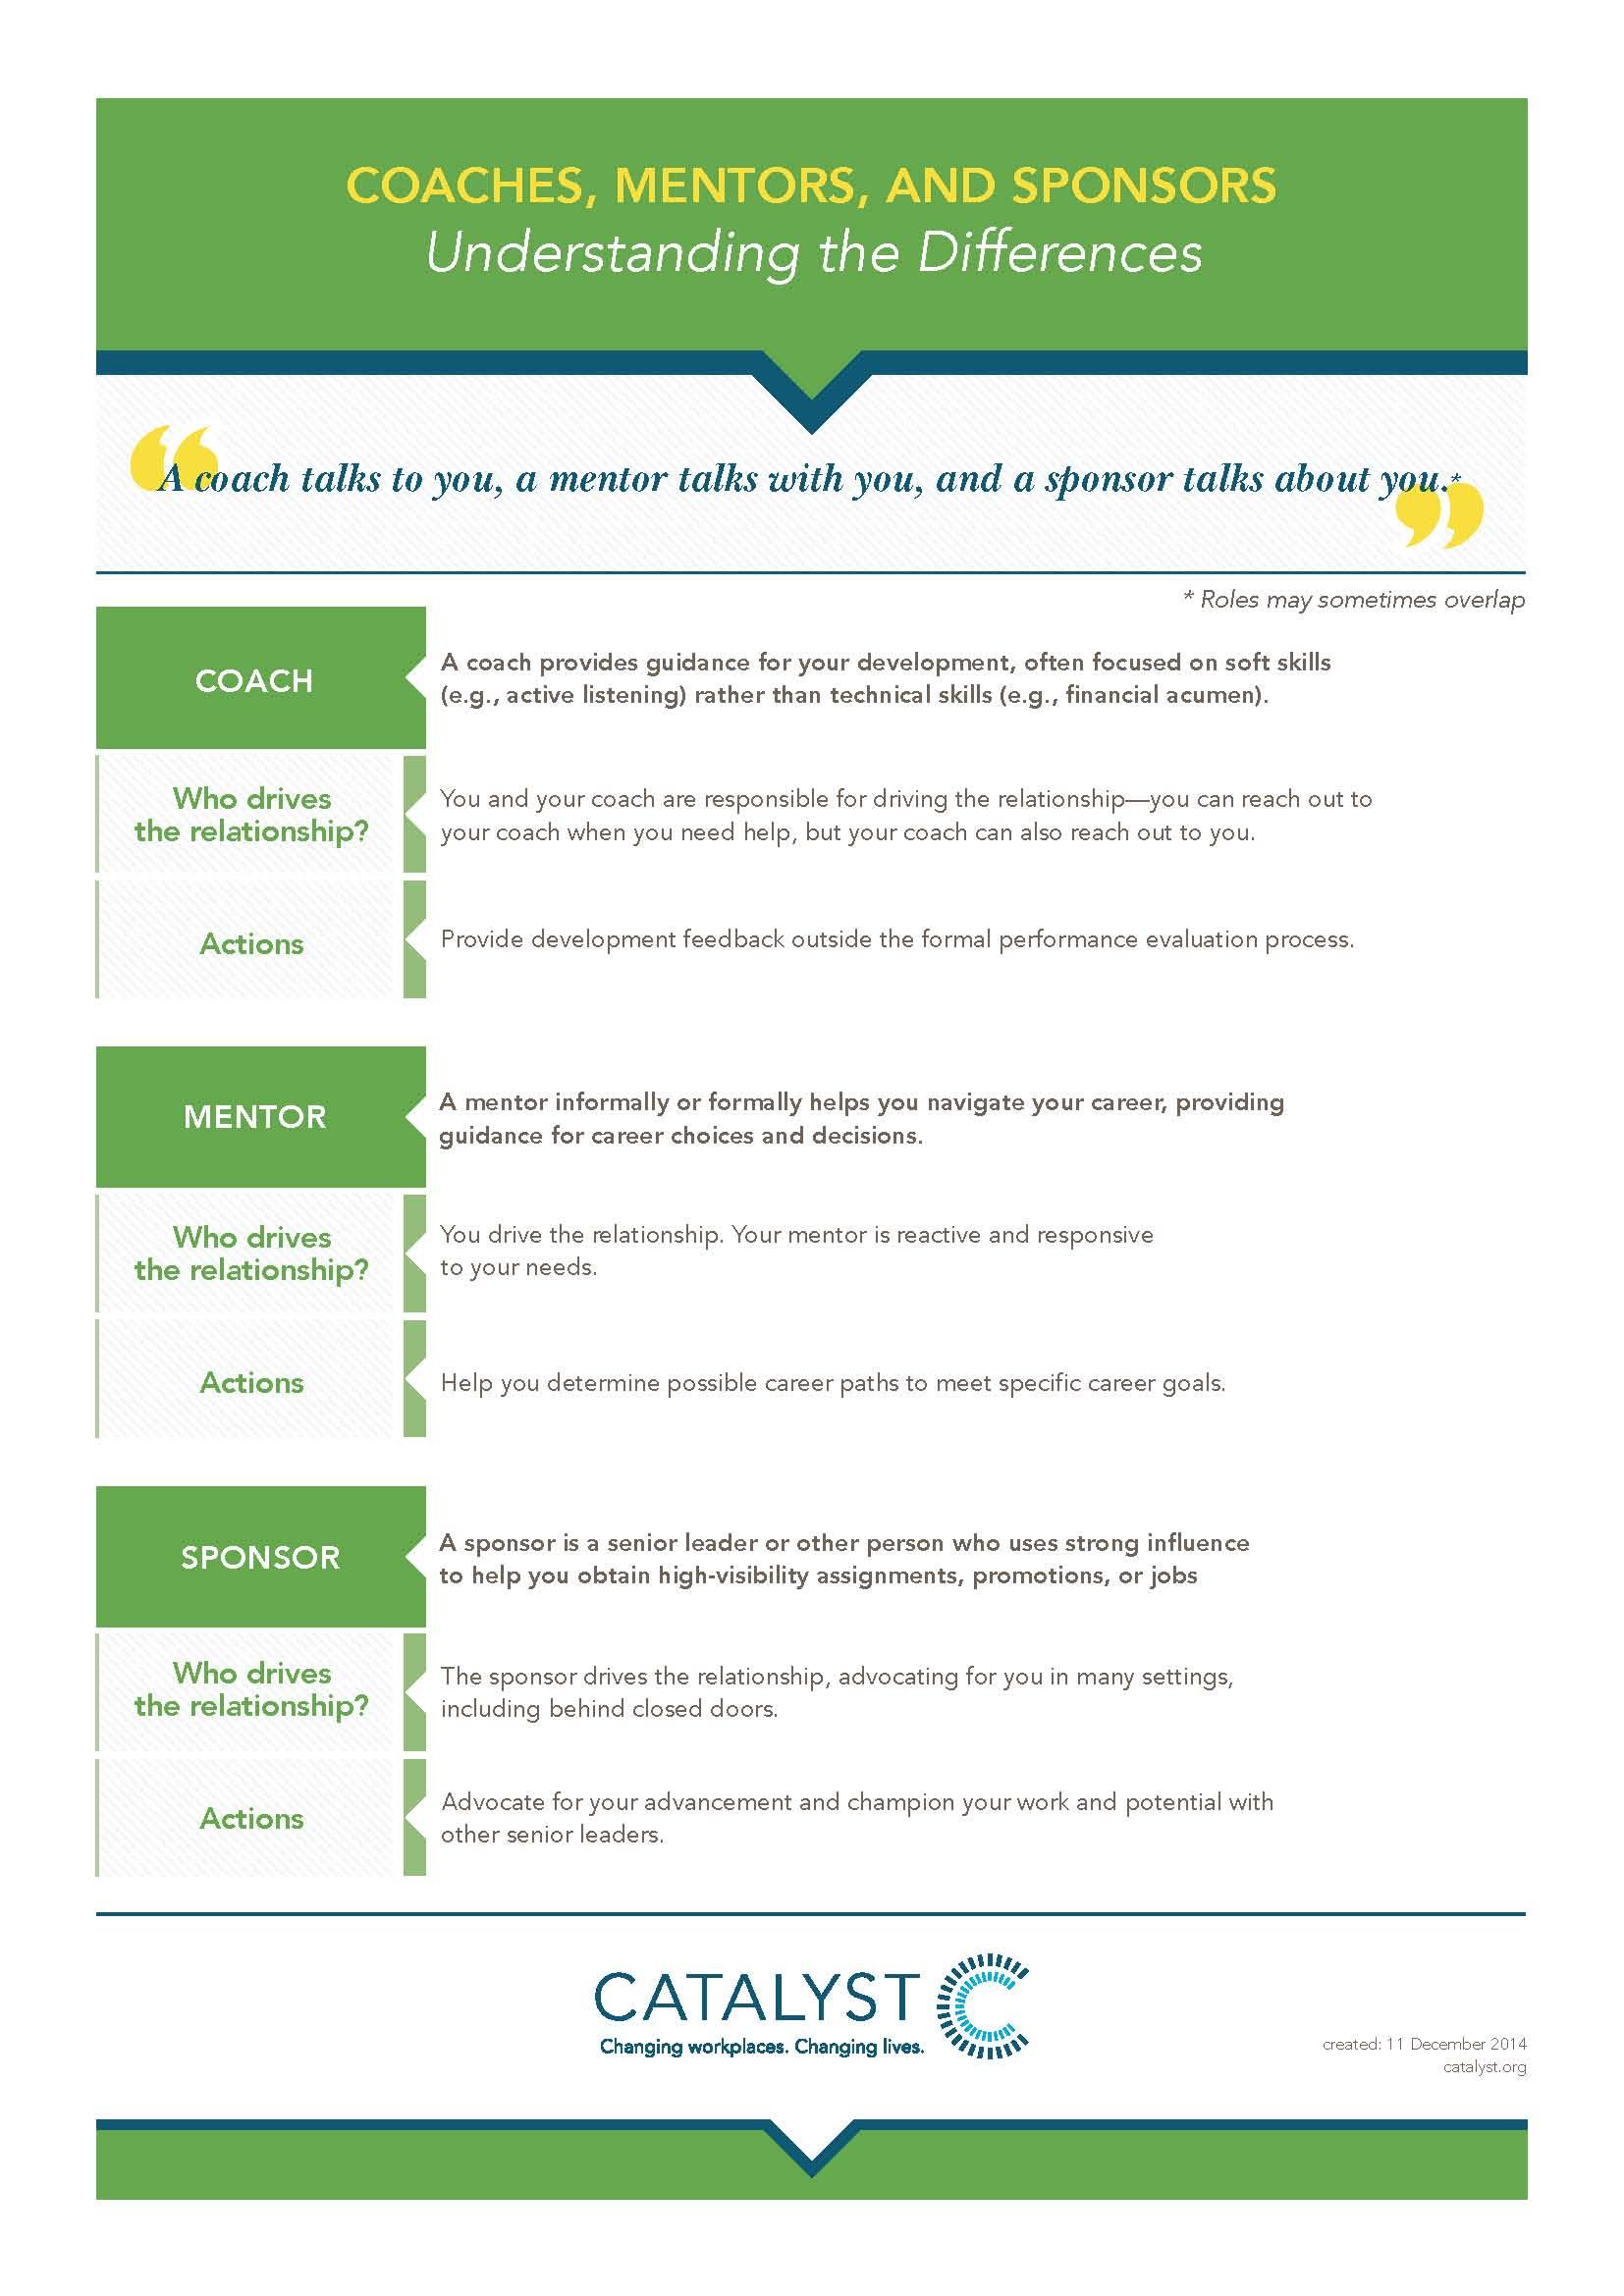 understanding_coaches_mentors_sponsors.jpg